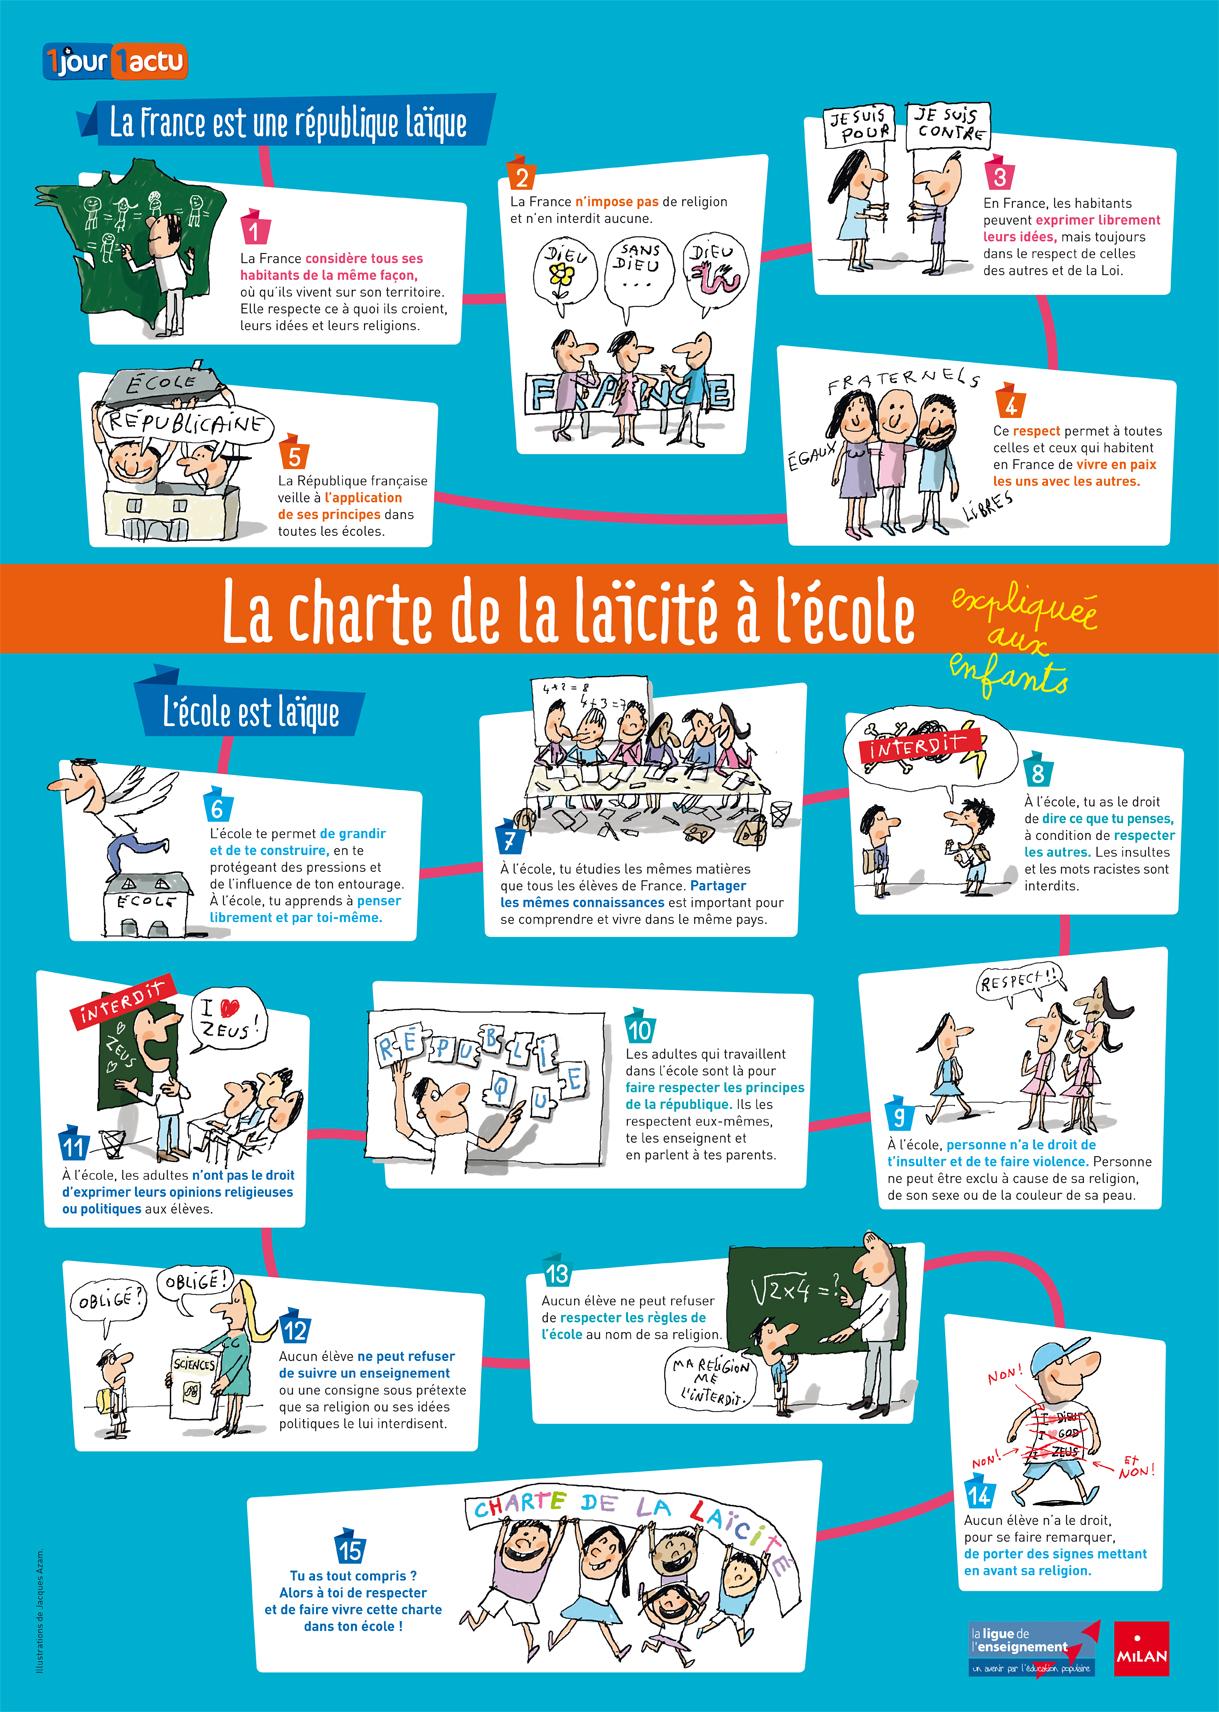 La Charte De La Laicite A L Ecole La Ligue De L Enseignement 82